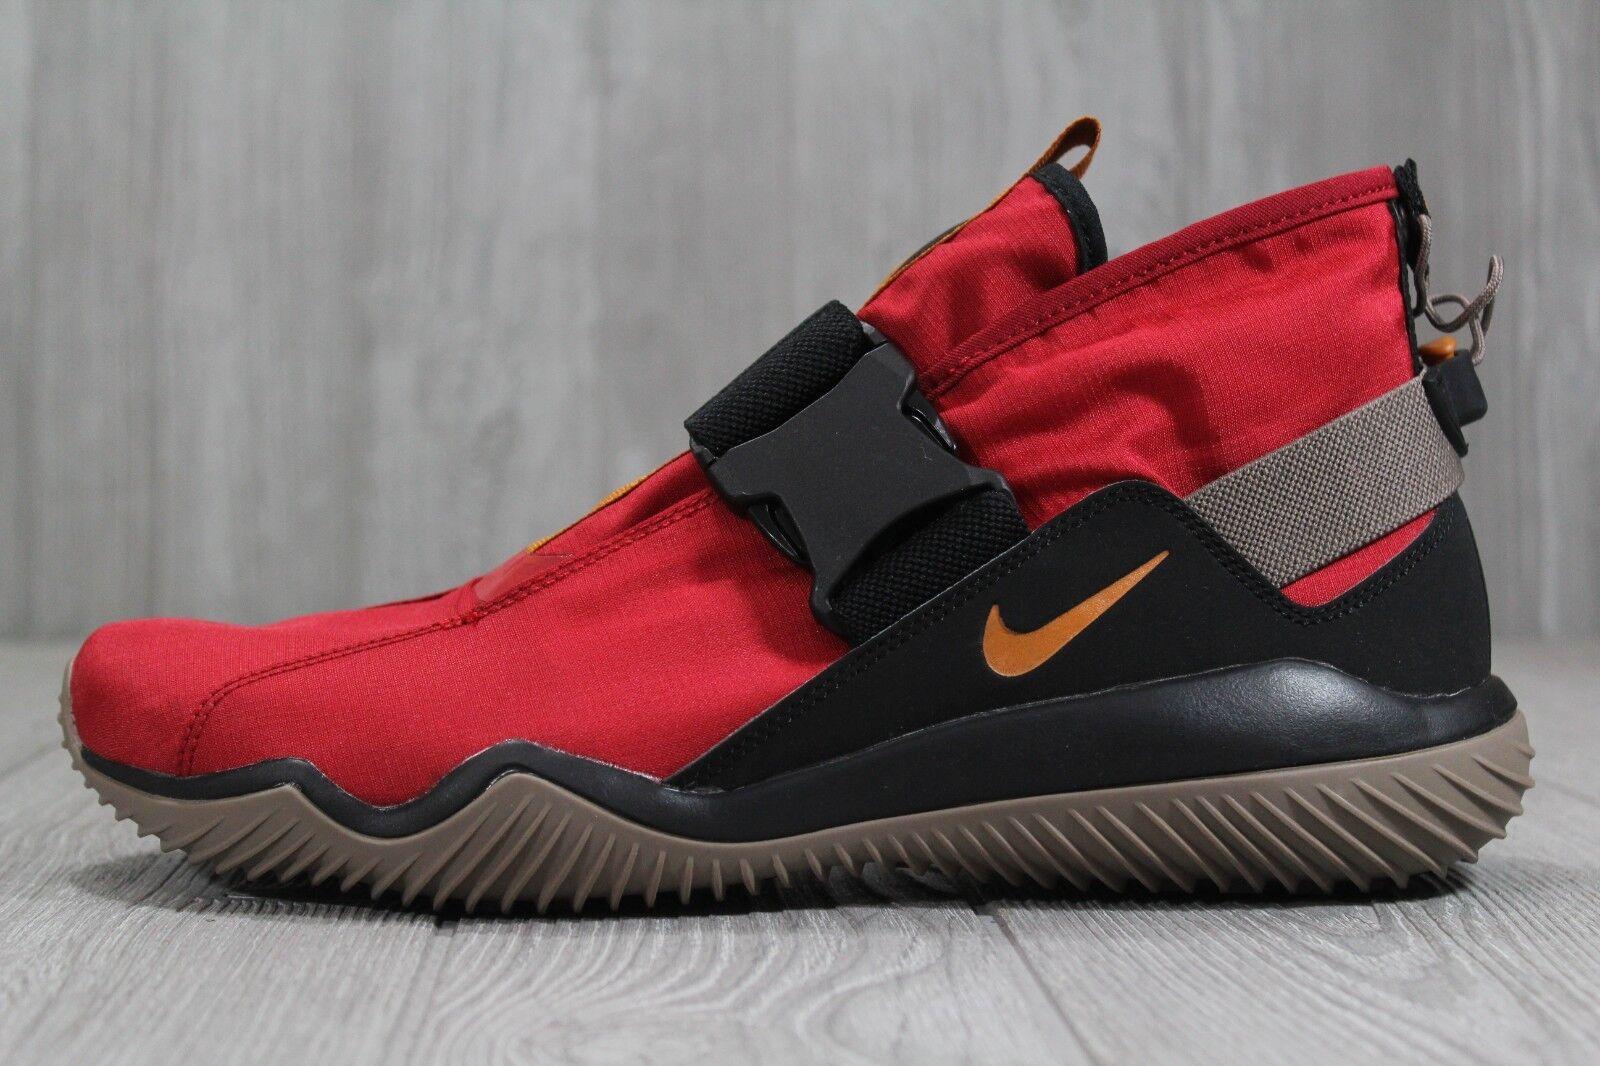 36 New Nike Komyuter ESS Gym Red  Black shoes AQ8131 600 Mens Size 10 12